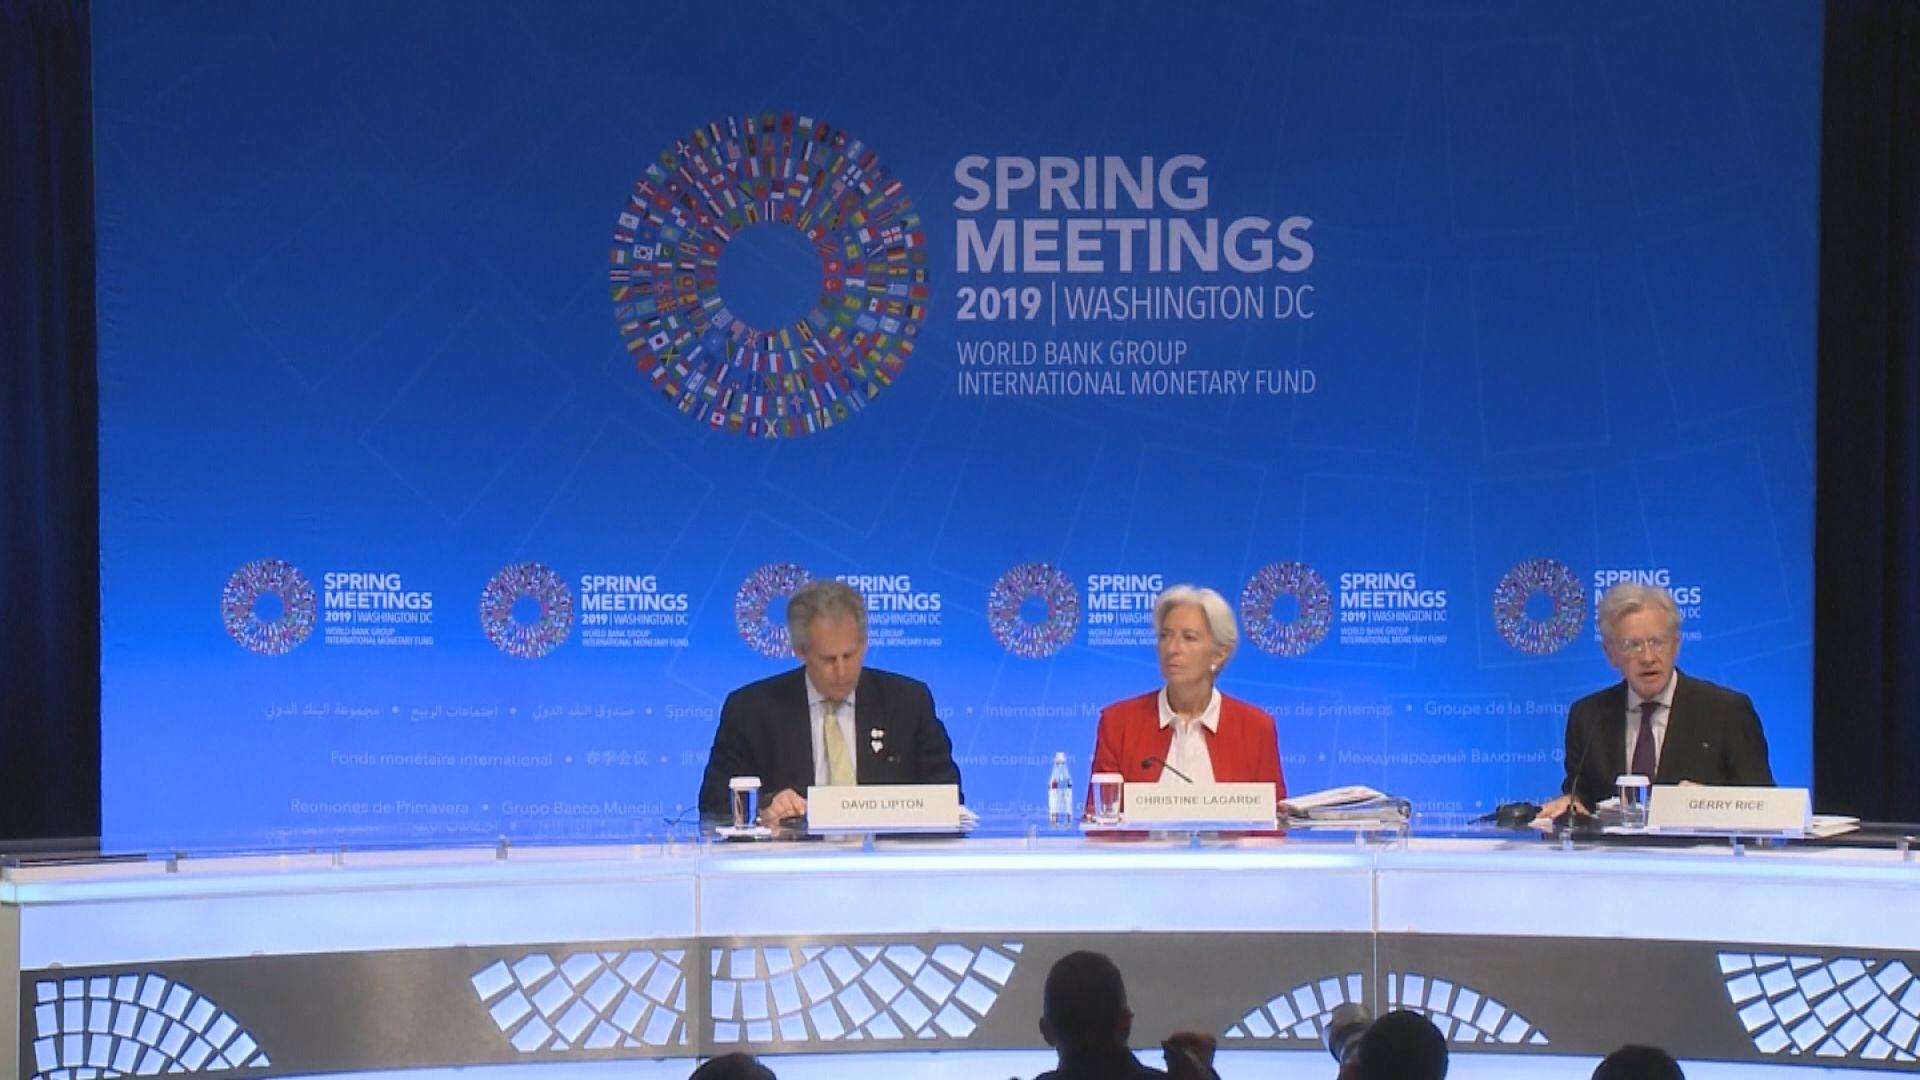 【避免貿戰升溫】IMF:央行需維持寬鬆幣策撐經濟